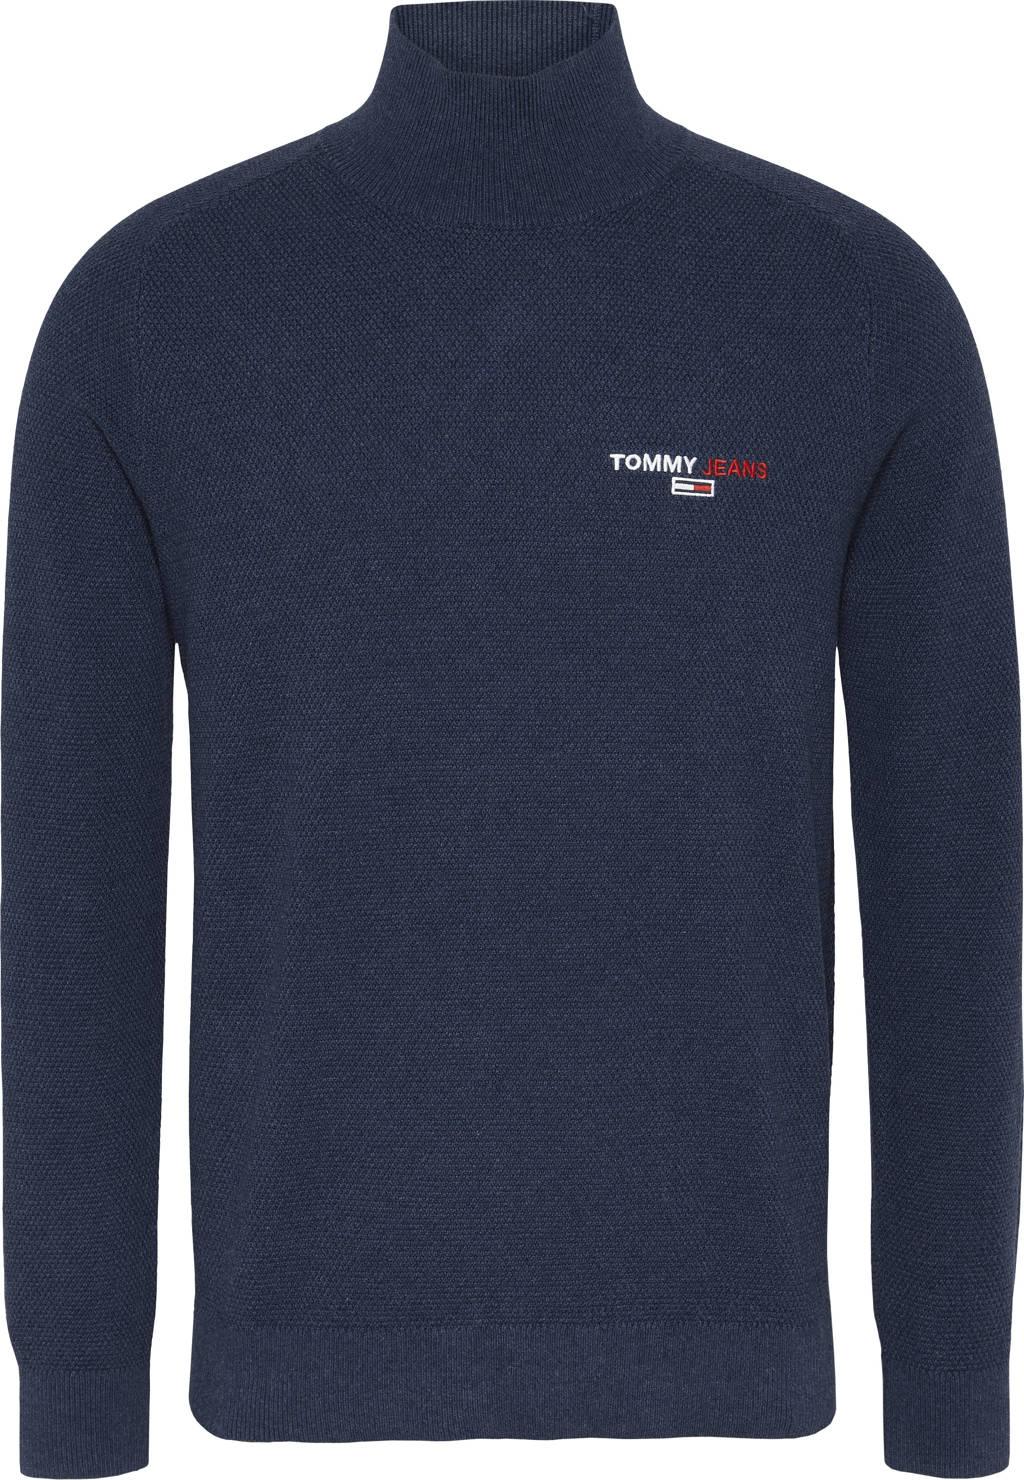 Tommy Jeans coltrui van biologisch katoen donkerblauw, Donkerblauw